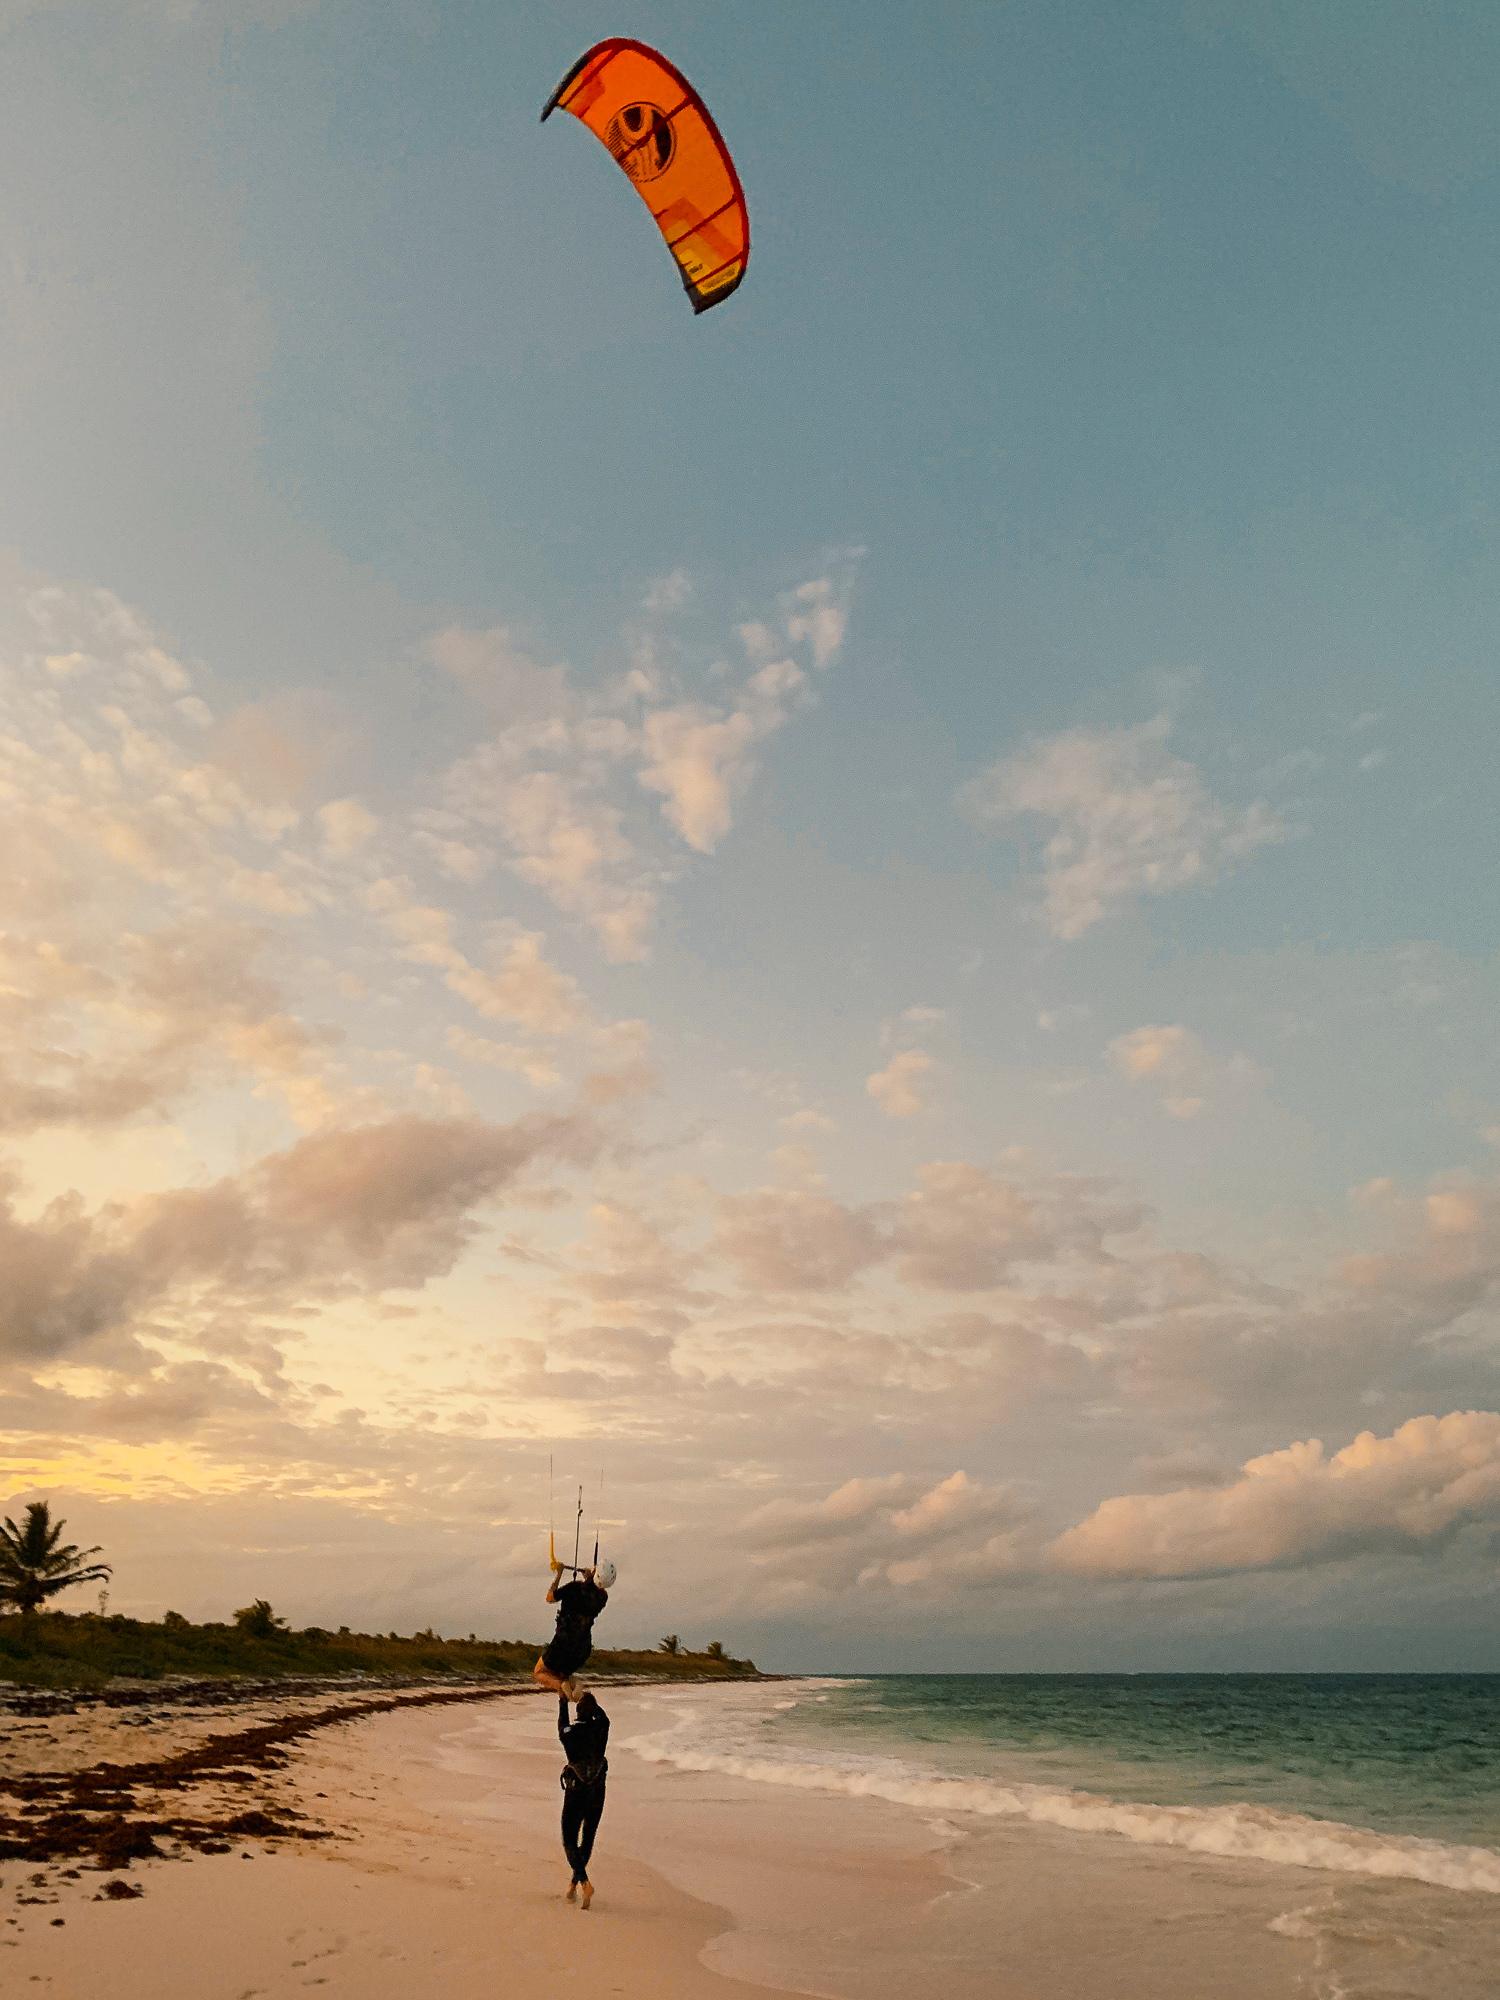 Kitesurfen auf den Bahamas: Cat Island und Greenwood Beach Resort Erfahrungen - Kitesurfkurs